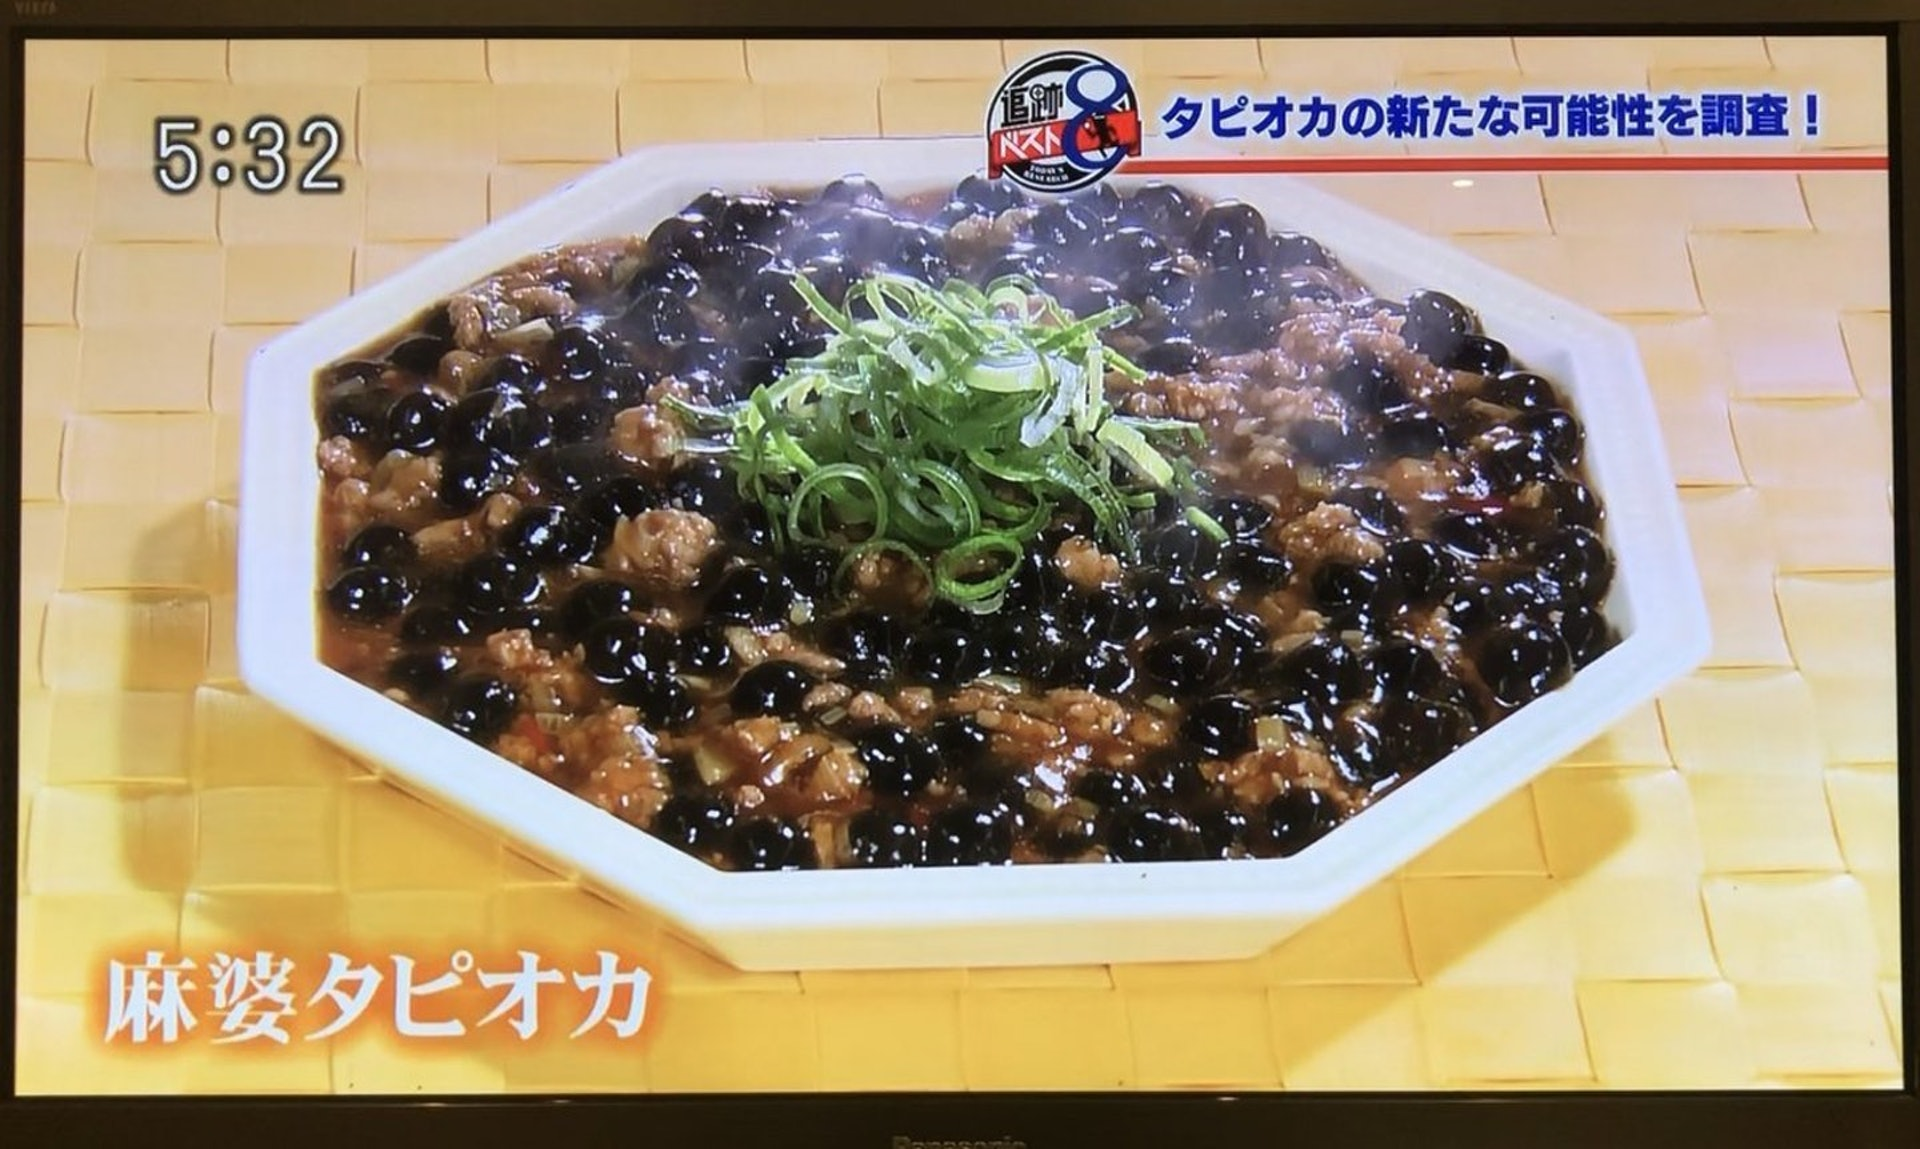 【暗黑珍珠奶茶料理】珍珠麻婆豆腐(《5時に夢中!》節目截圖)